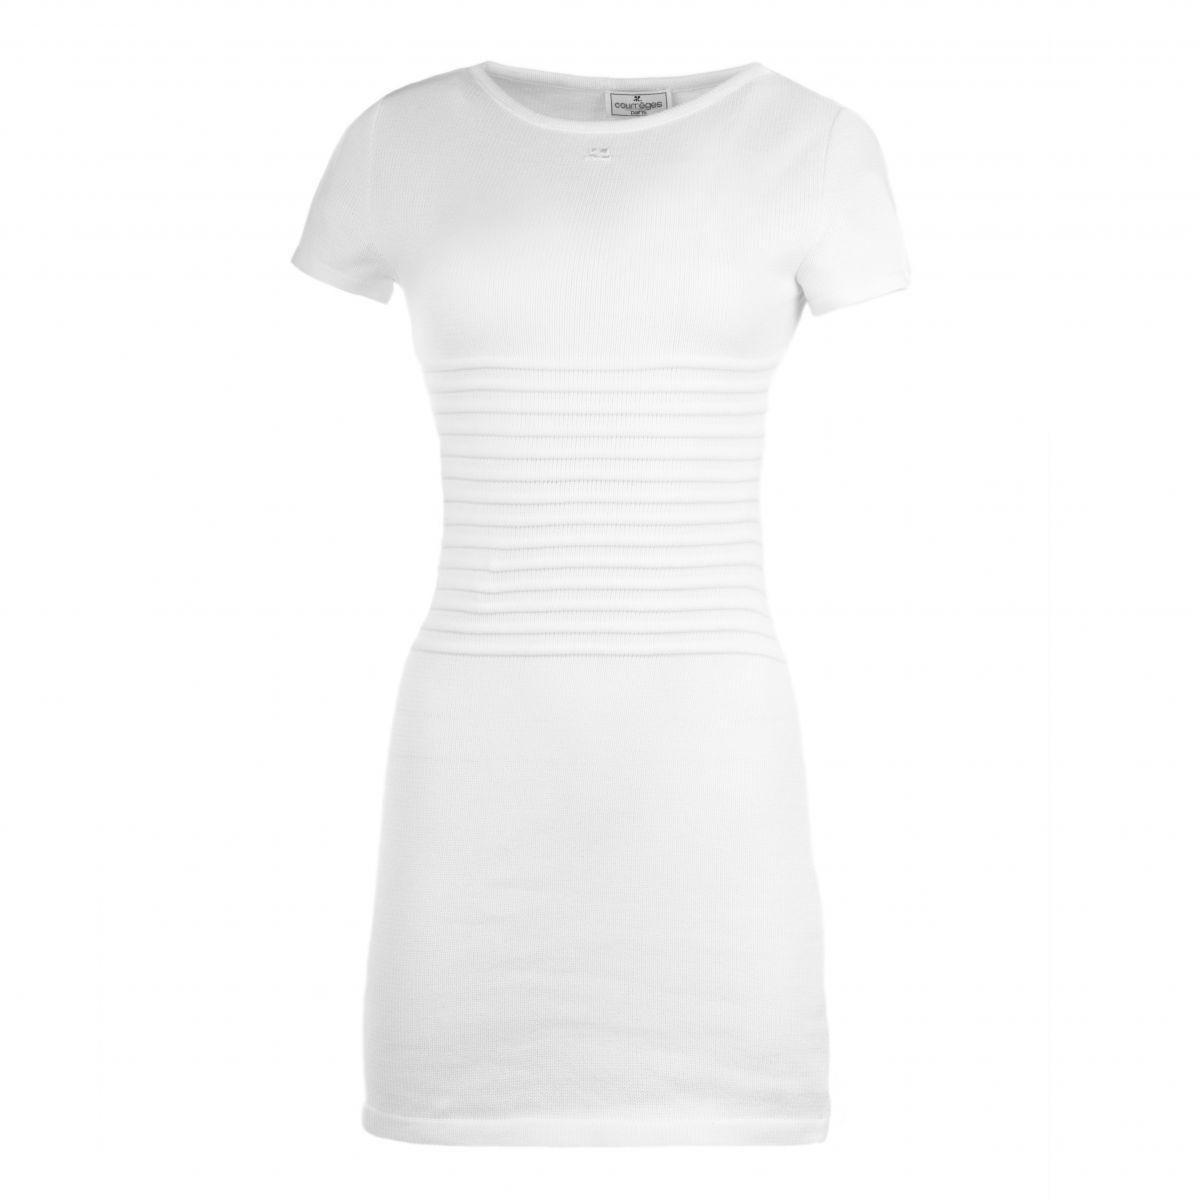 ce3d7673592 Robe en maille détails striés femme COURREGES marque pas cher prix  dégriffés destockage ...